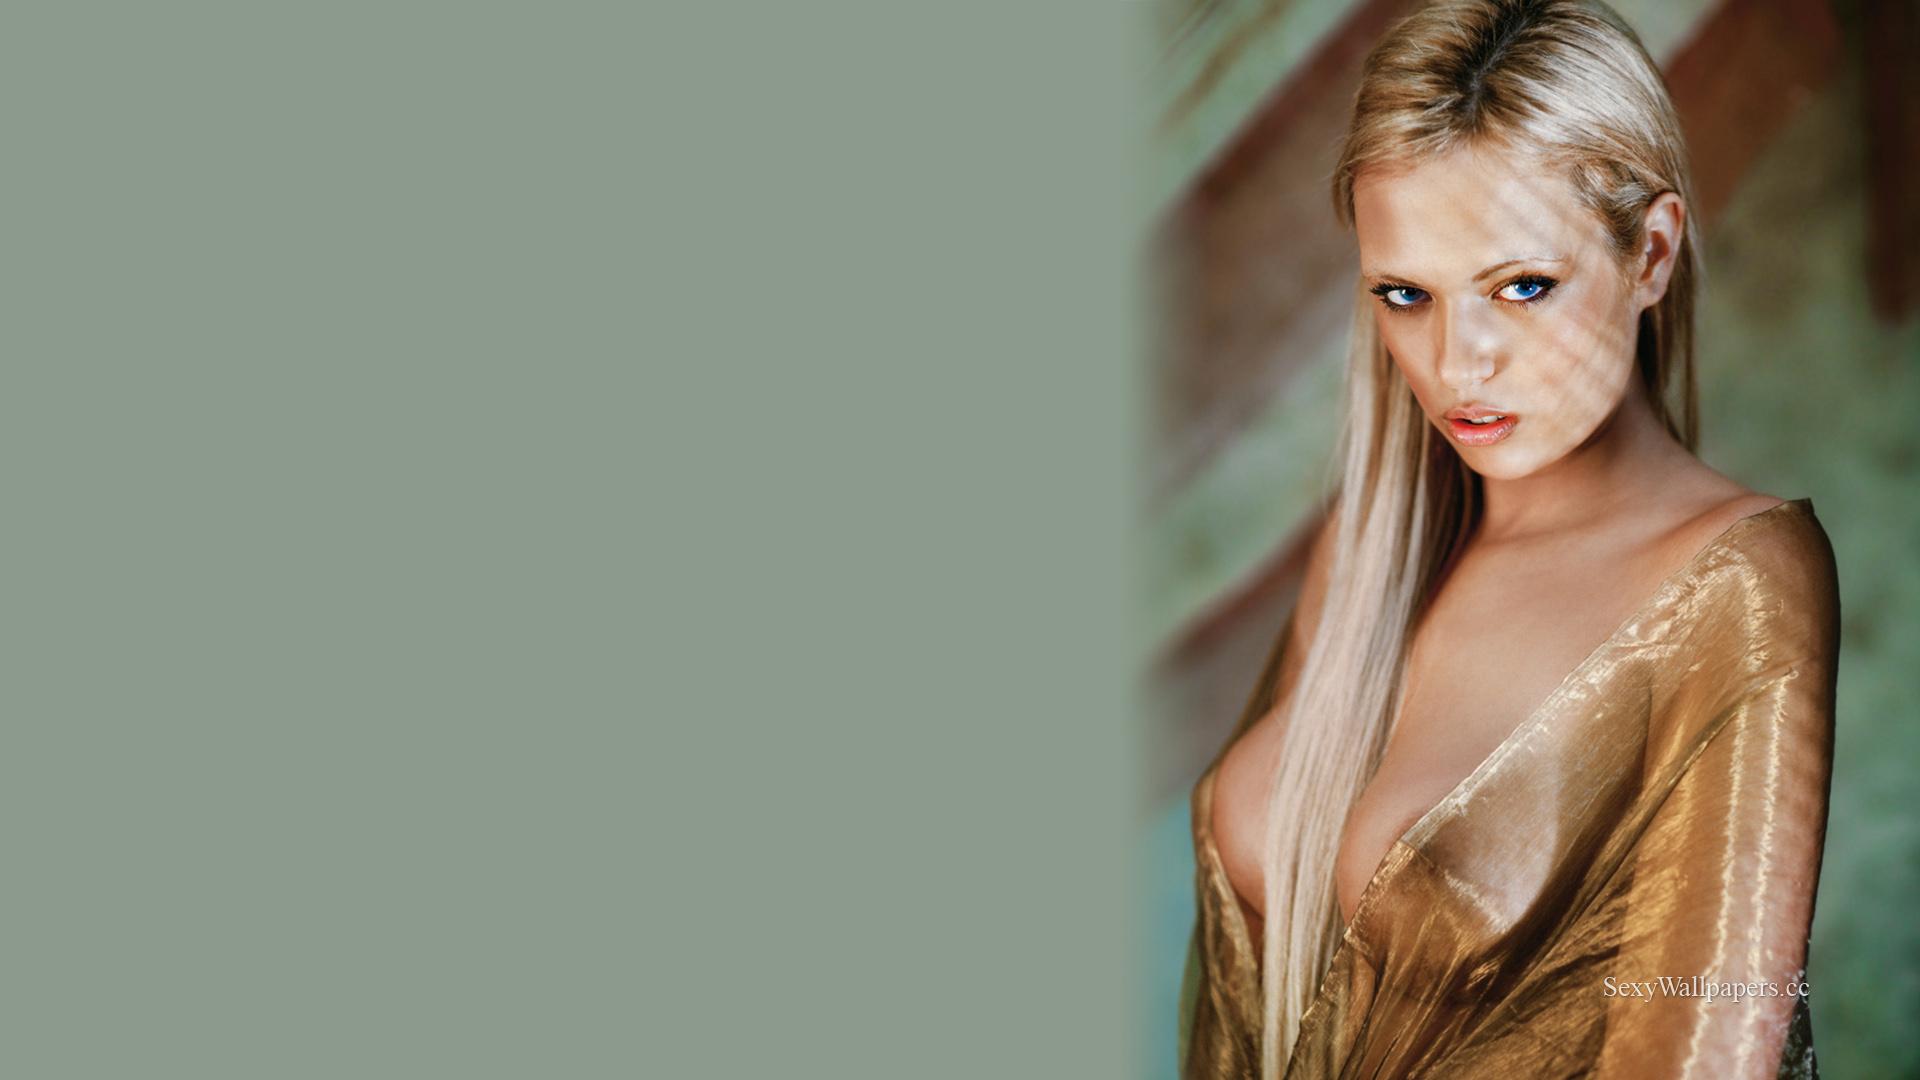 Maja Zaper Morales sexy wallpaper 1920x1080 HD